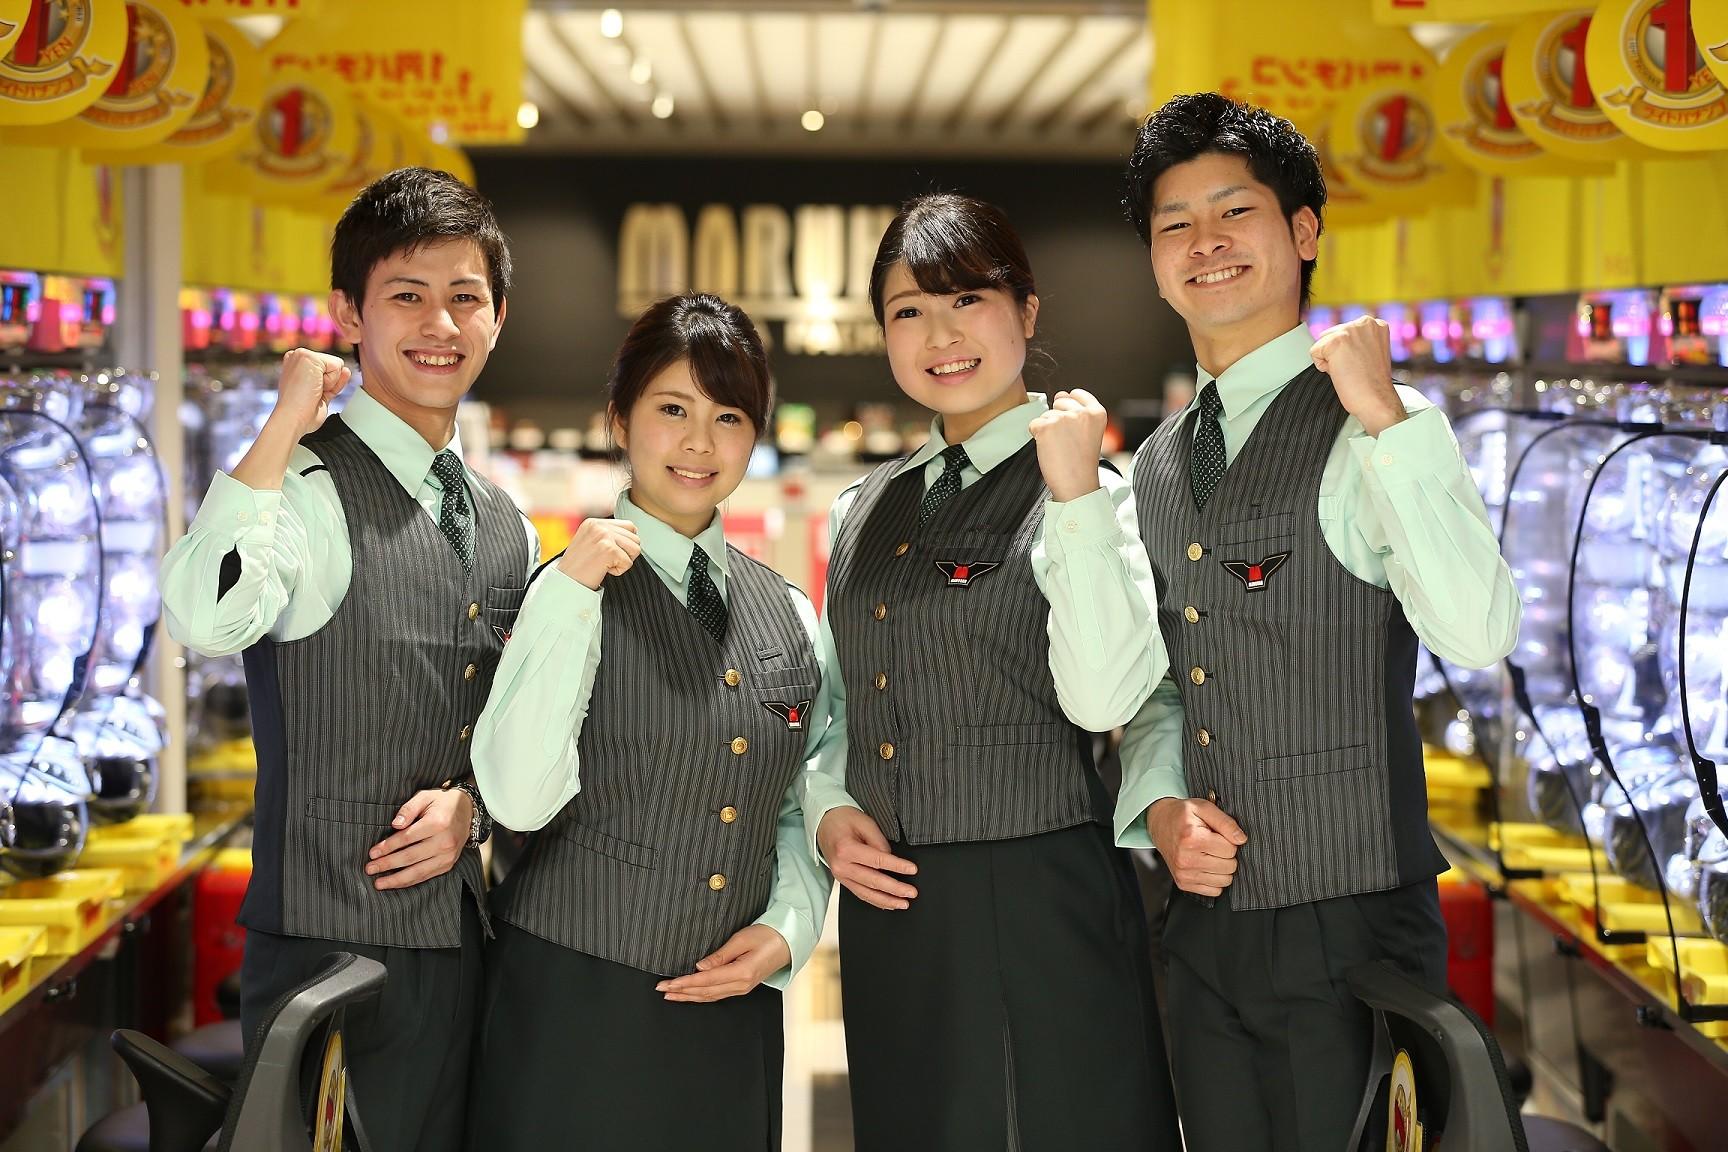 マルハン 寝屋川店[2824]のアルバイト情報